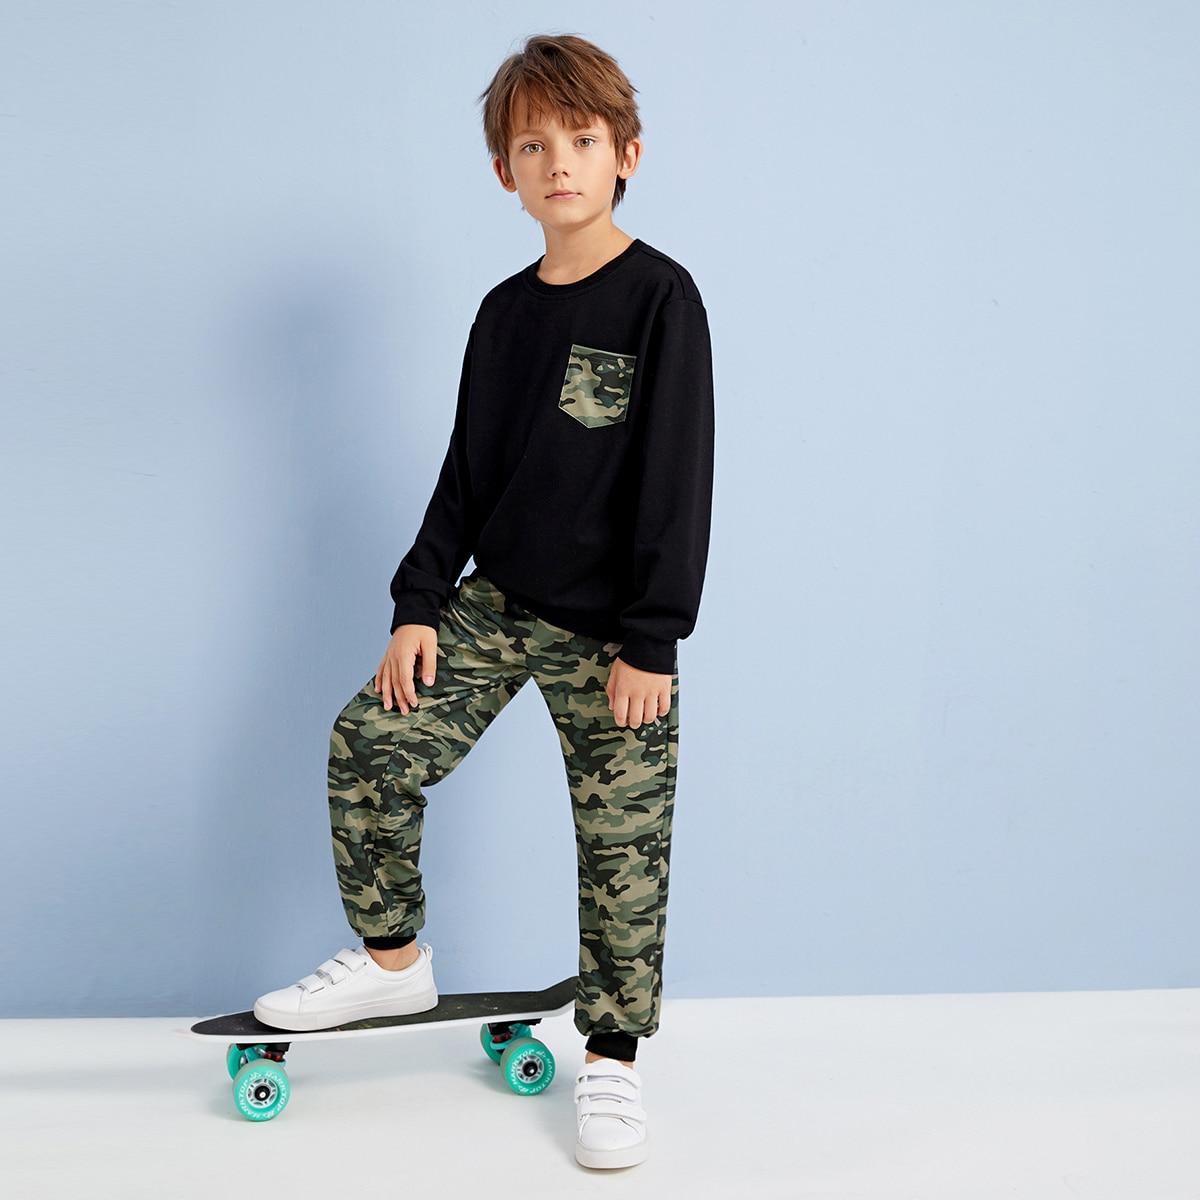 Пуловер и брюки с камуфляжным принтом для мальчиков